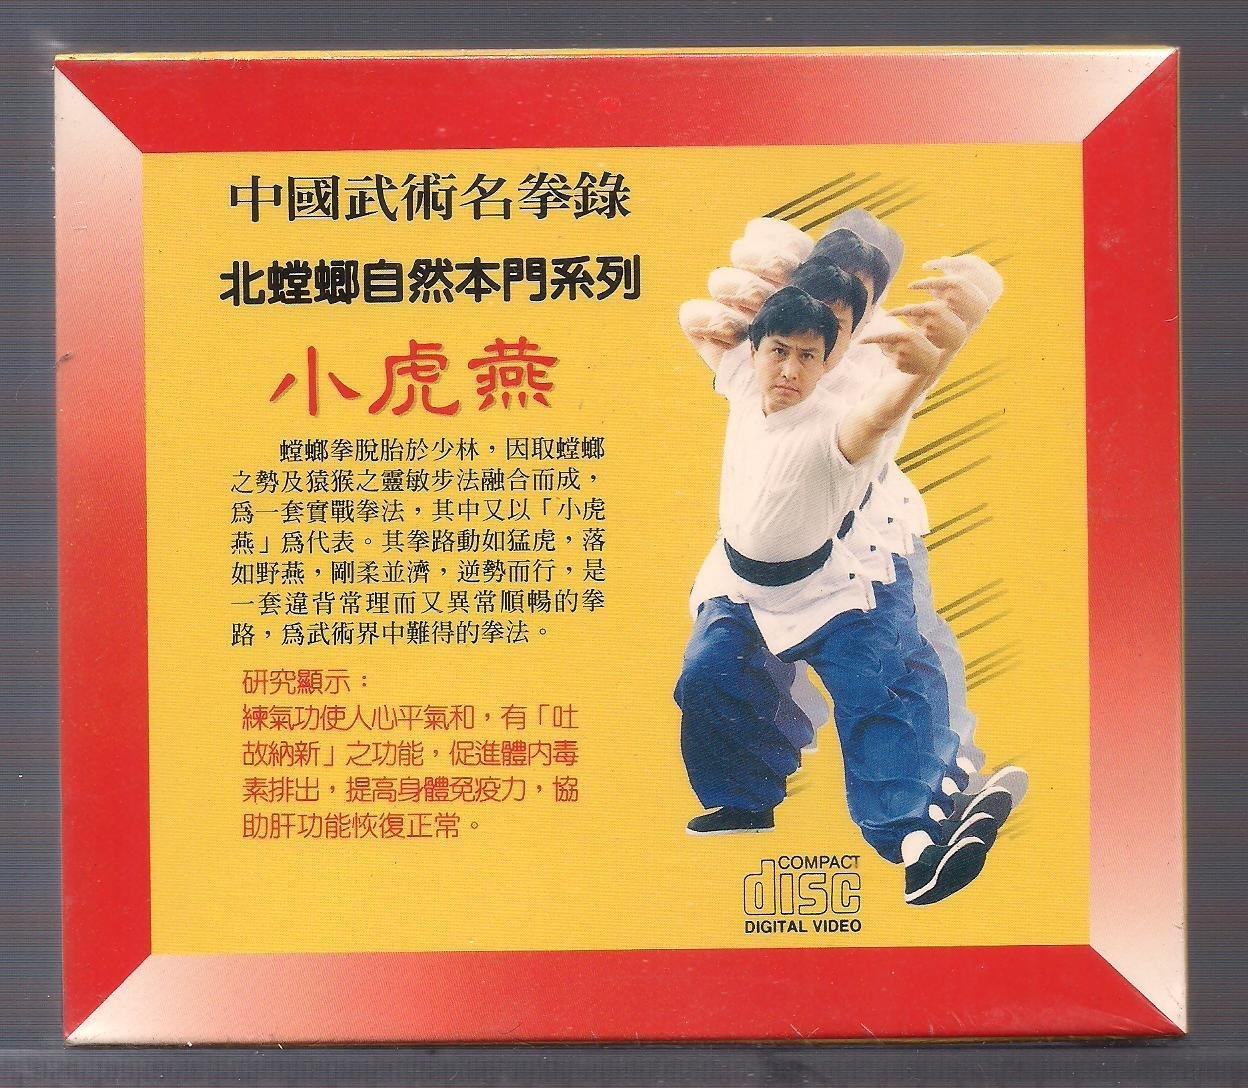 中國武術名拳錄 [ 小虎燕 ] 北螳螂自然本門系列三卷入VCD盒裝 未拆封